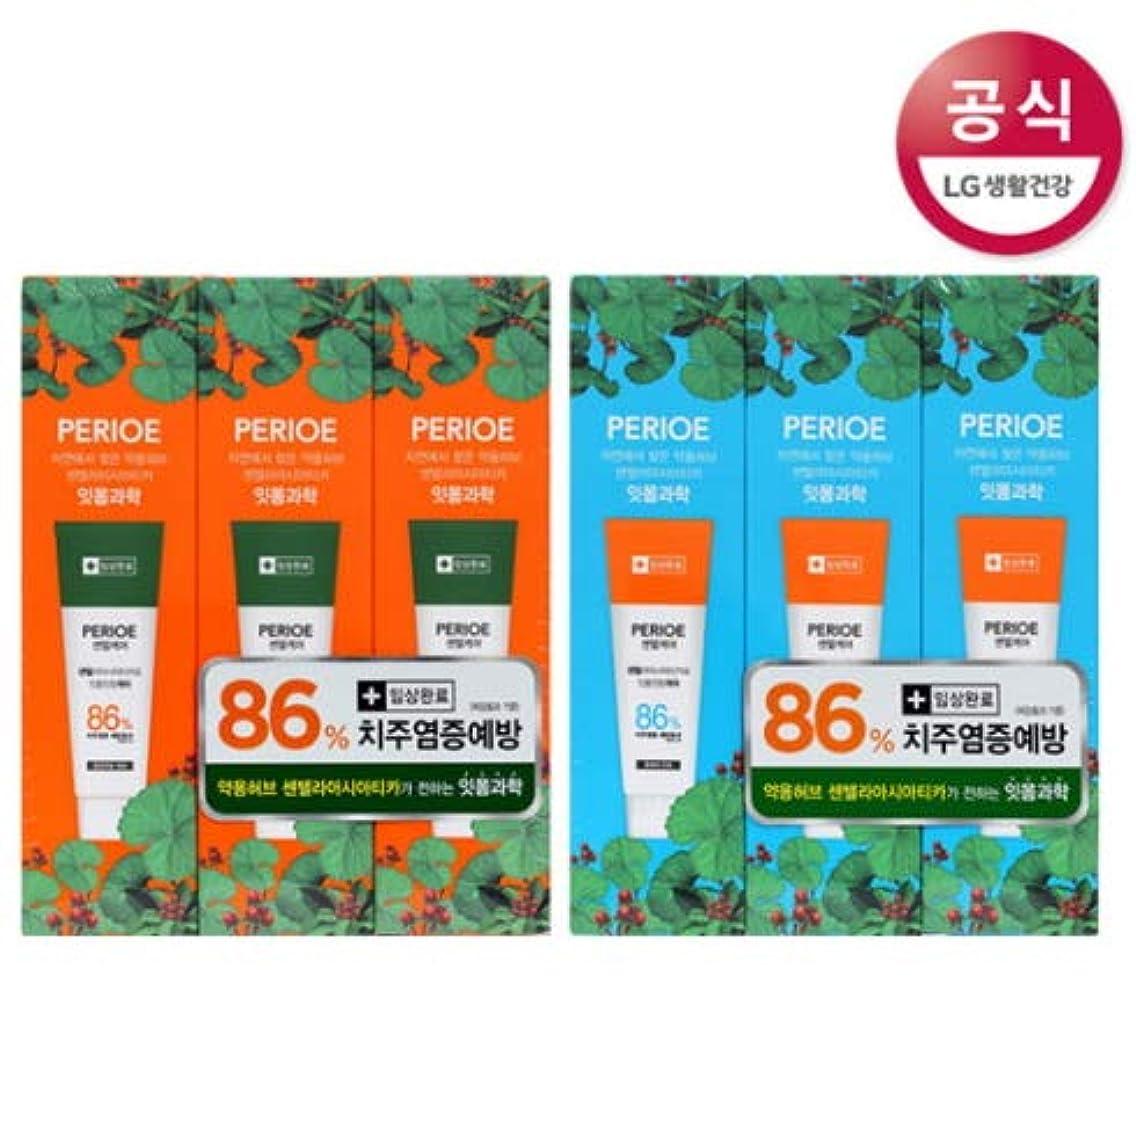 水っぽい層教養がある[LG HnB] Perio centel care toothpaste/ペリオセンテルケア歯磨き粉 100gx6個(海外直送品)